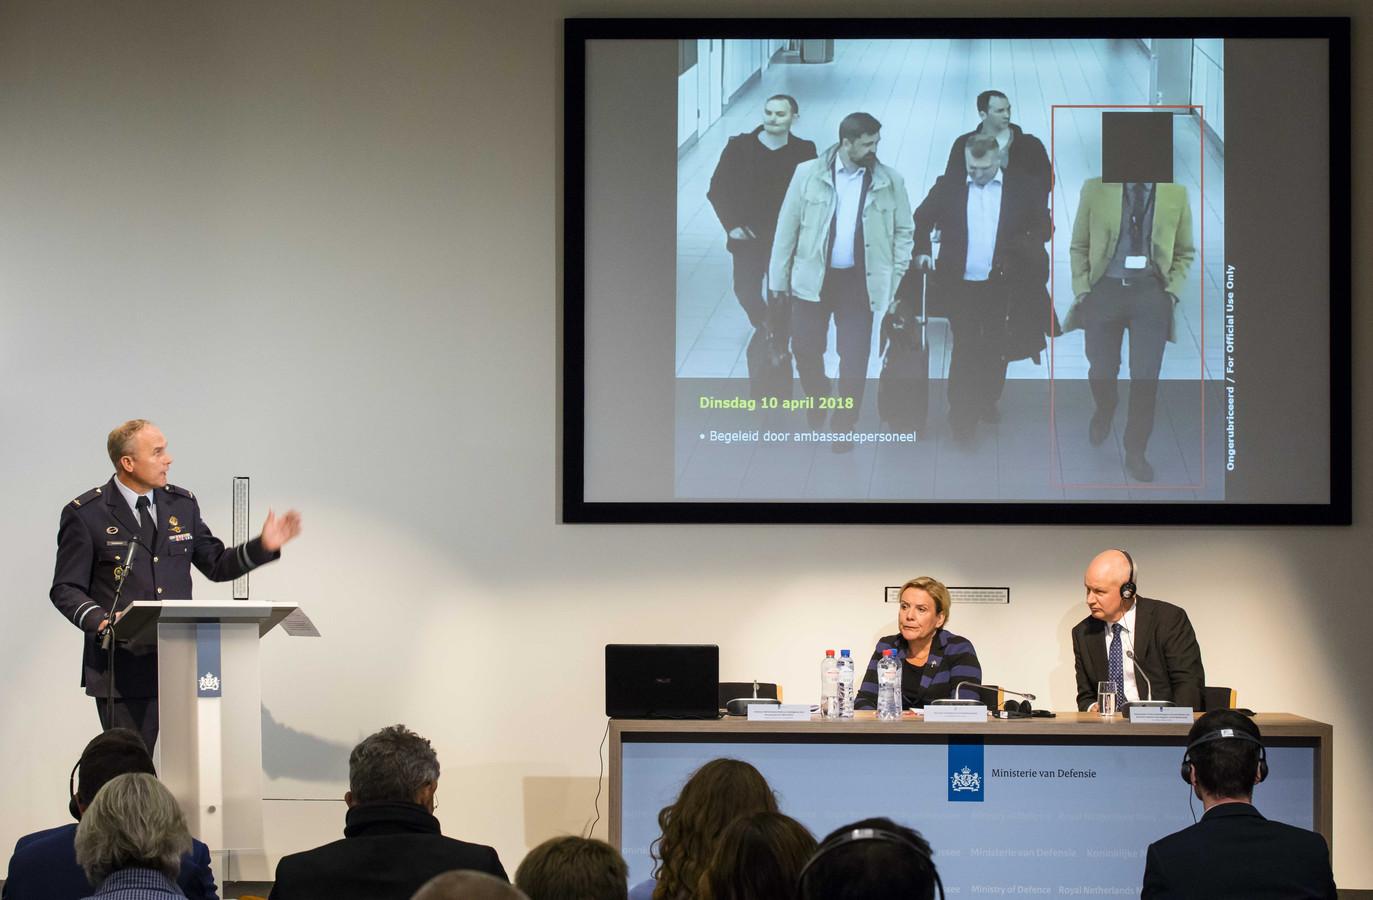 MIVD-hoofd Onno Eichelsheim, minister van Defensie Ank Bijleveld en de Britse ambassadeur Peter Wilson tijdens een persconferentie van de Nederlandse Militaire Inlichtingen- en Veiligheidsdienst.